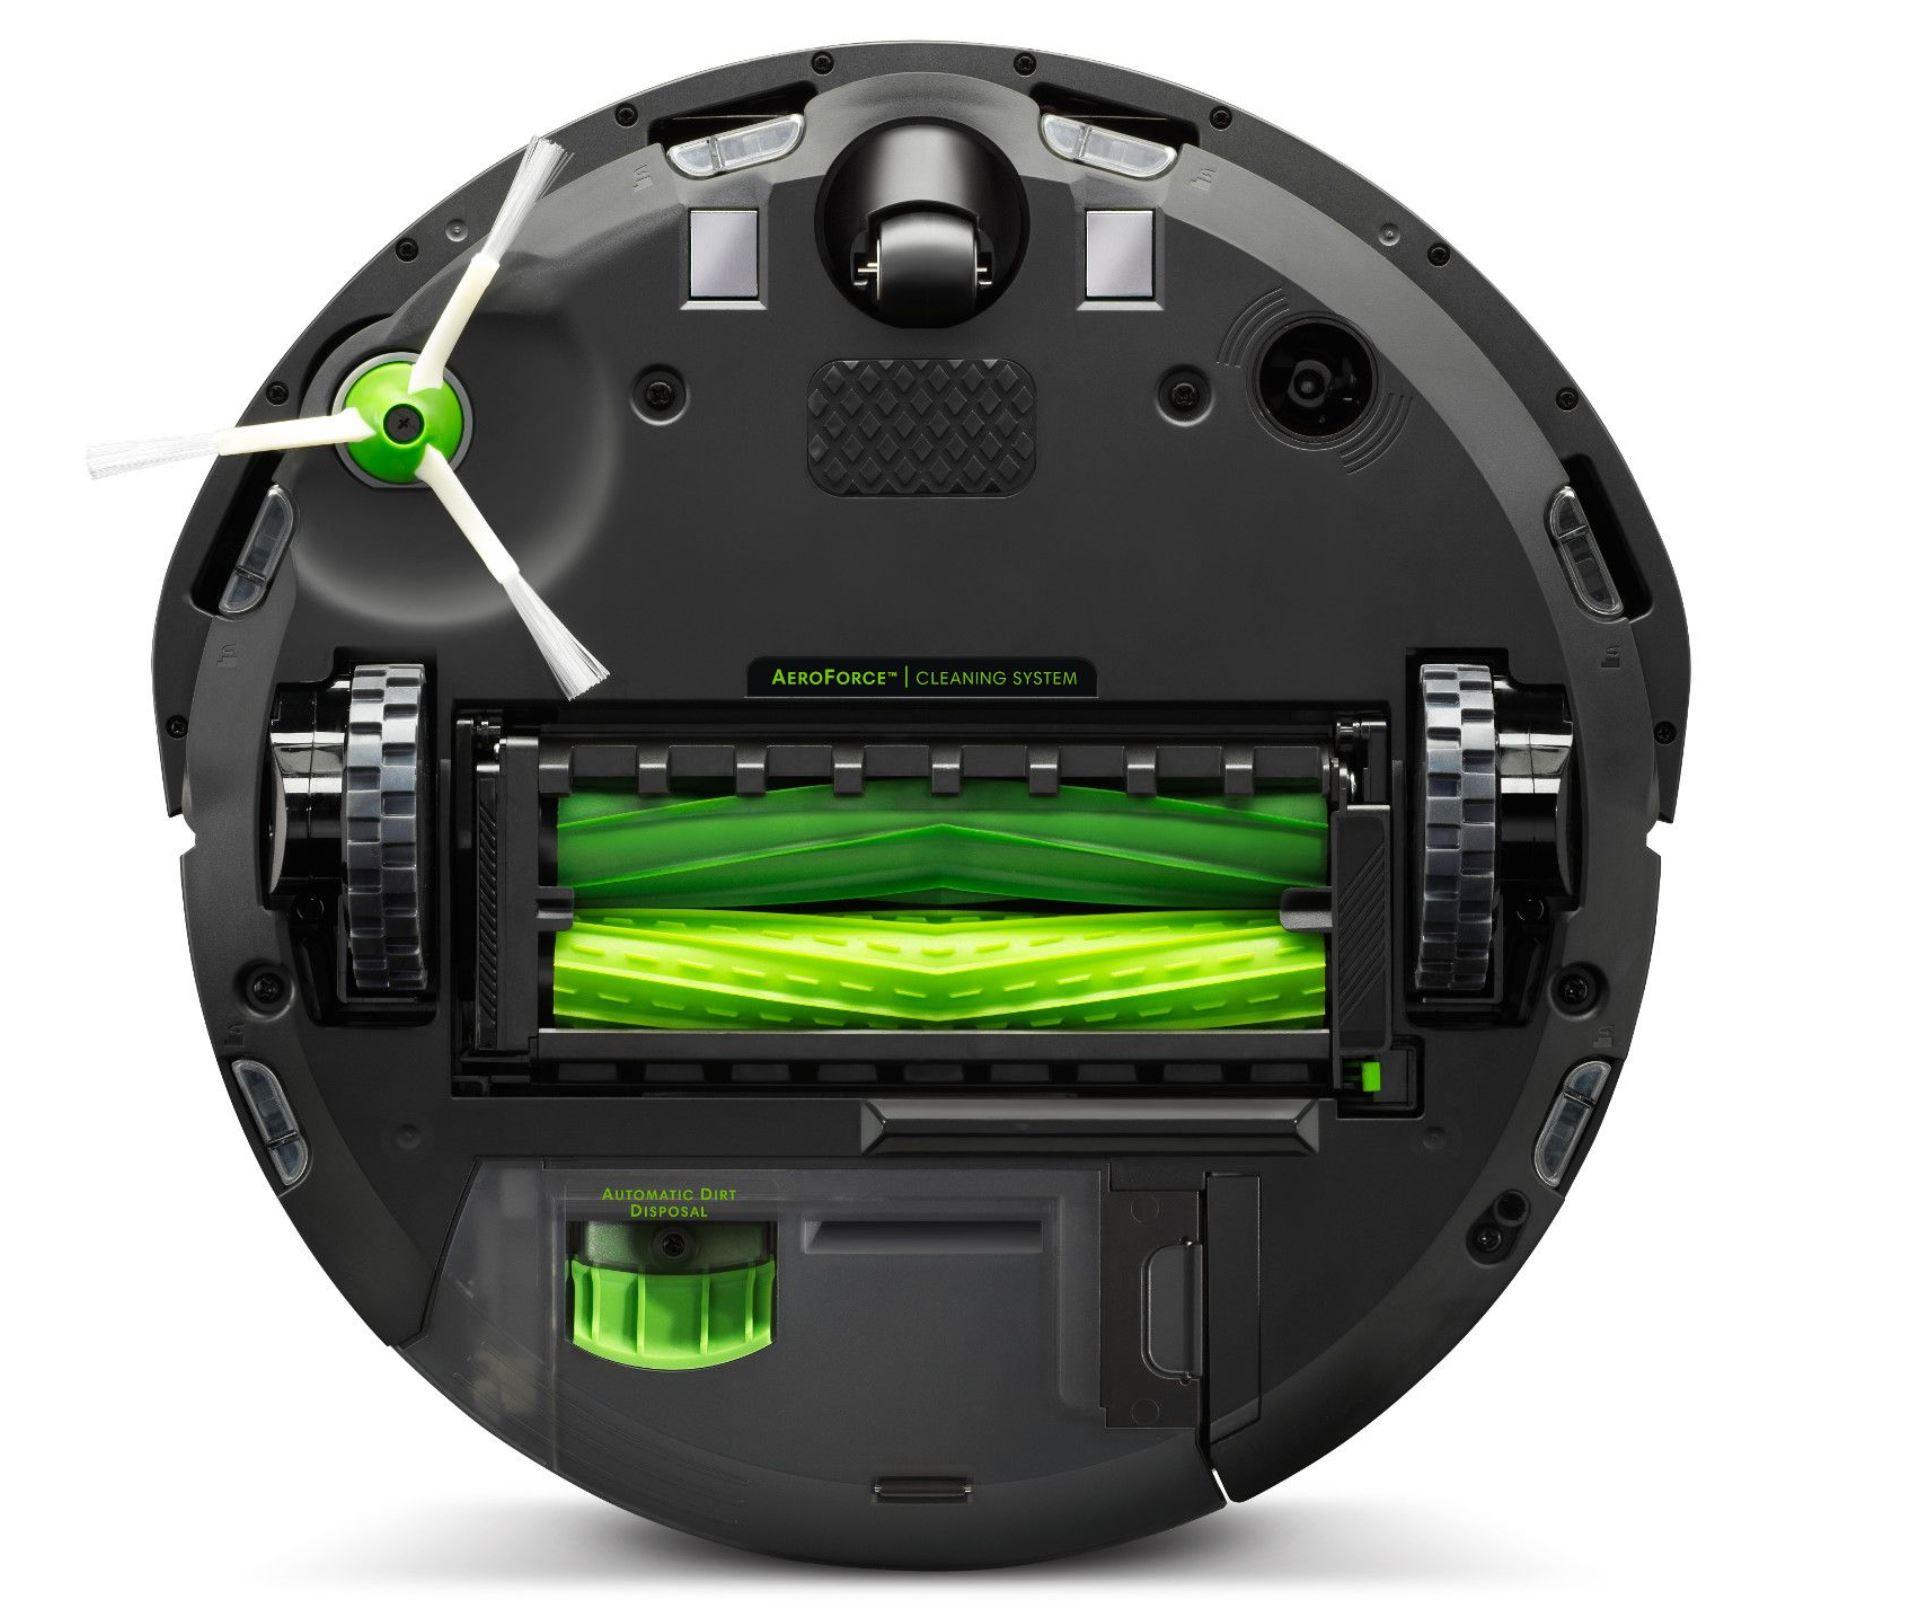 Najpopularniejsze roboty sprzątające - TOP 10 - iRobot Roomba i7 - podwójne gumowe szczotki